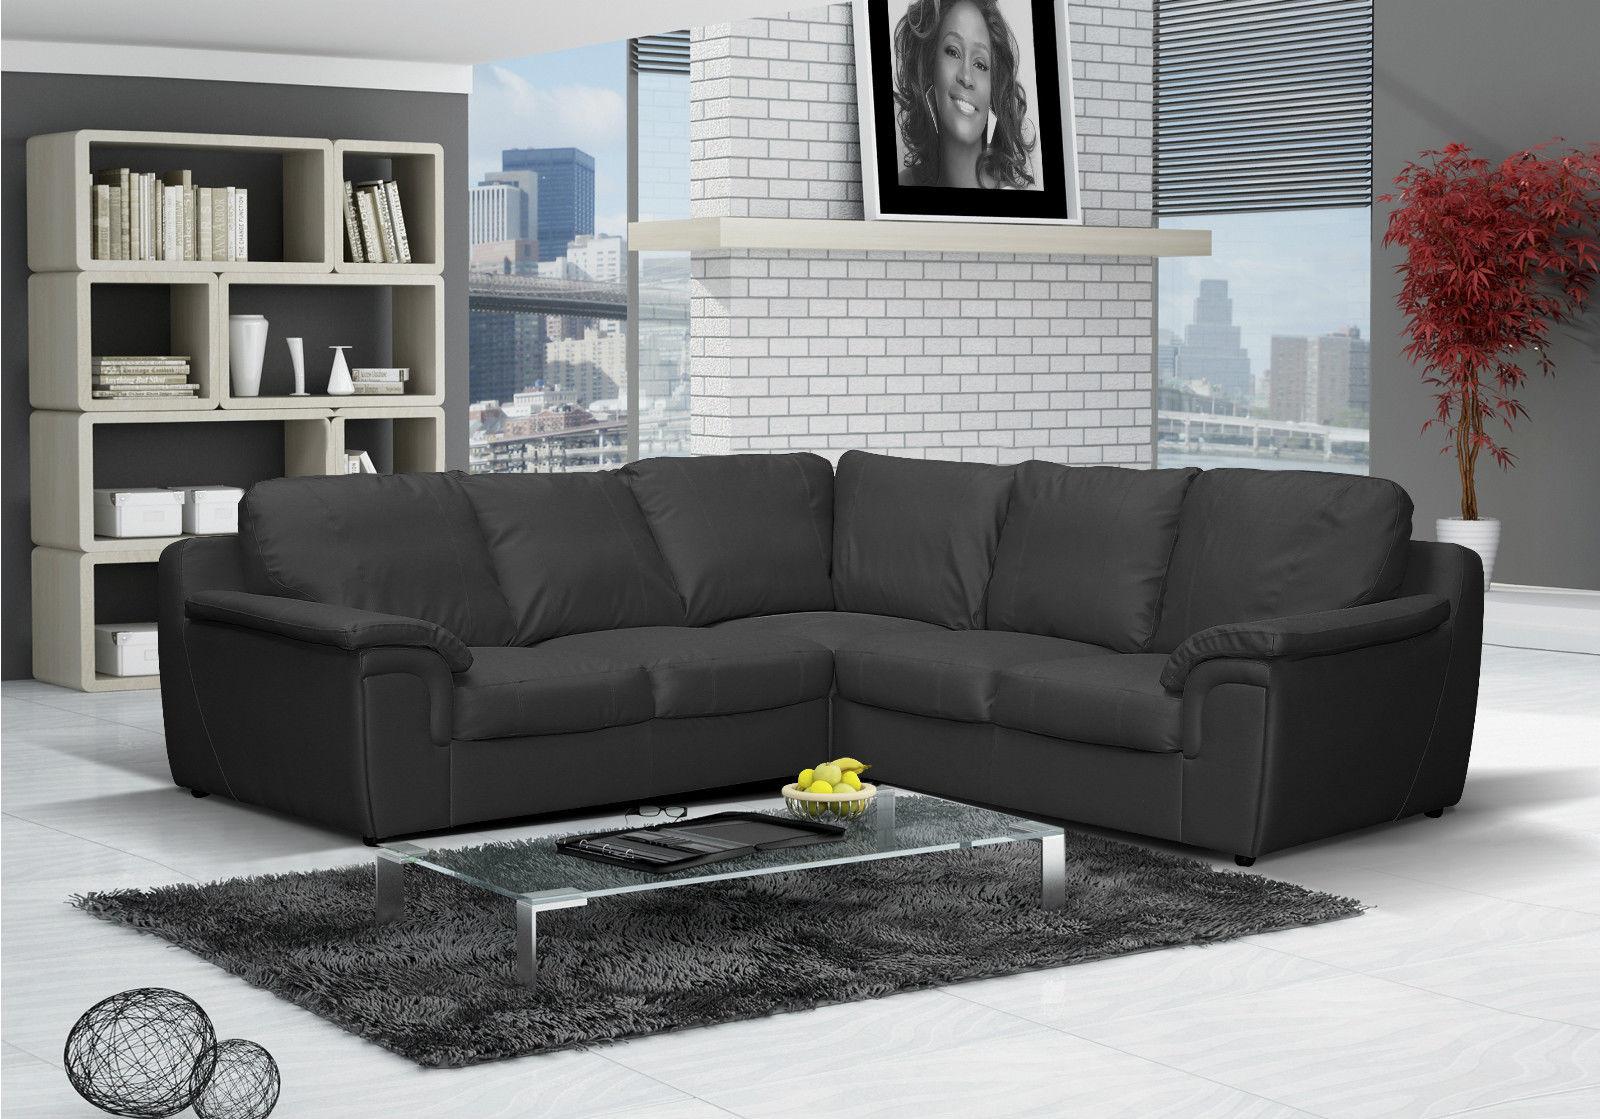 Удивительный мягкий угловой диван в интерьере